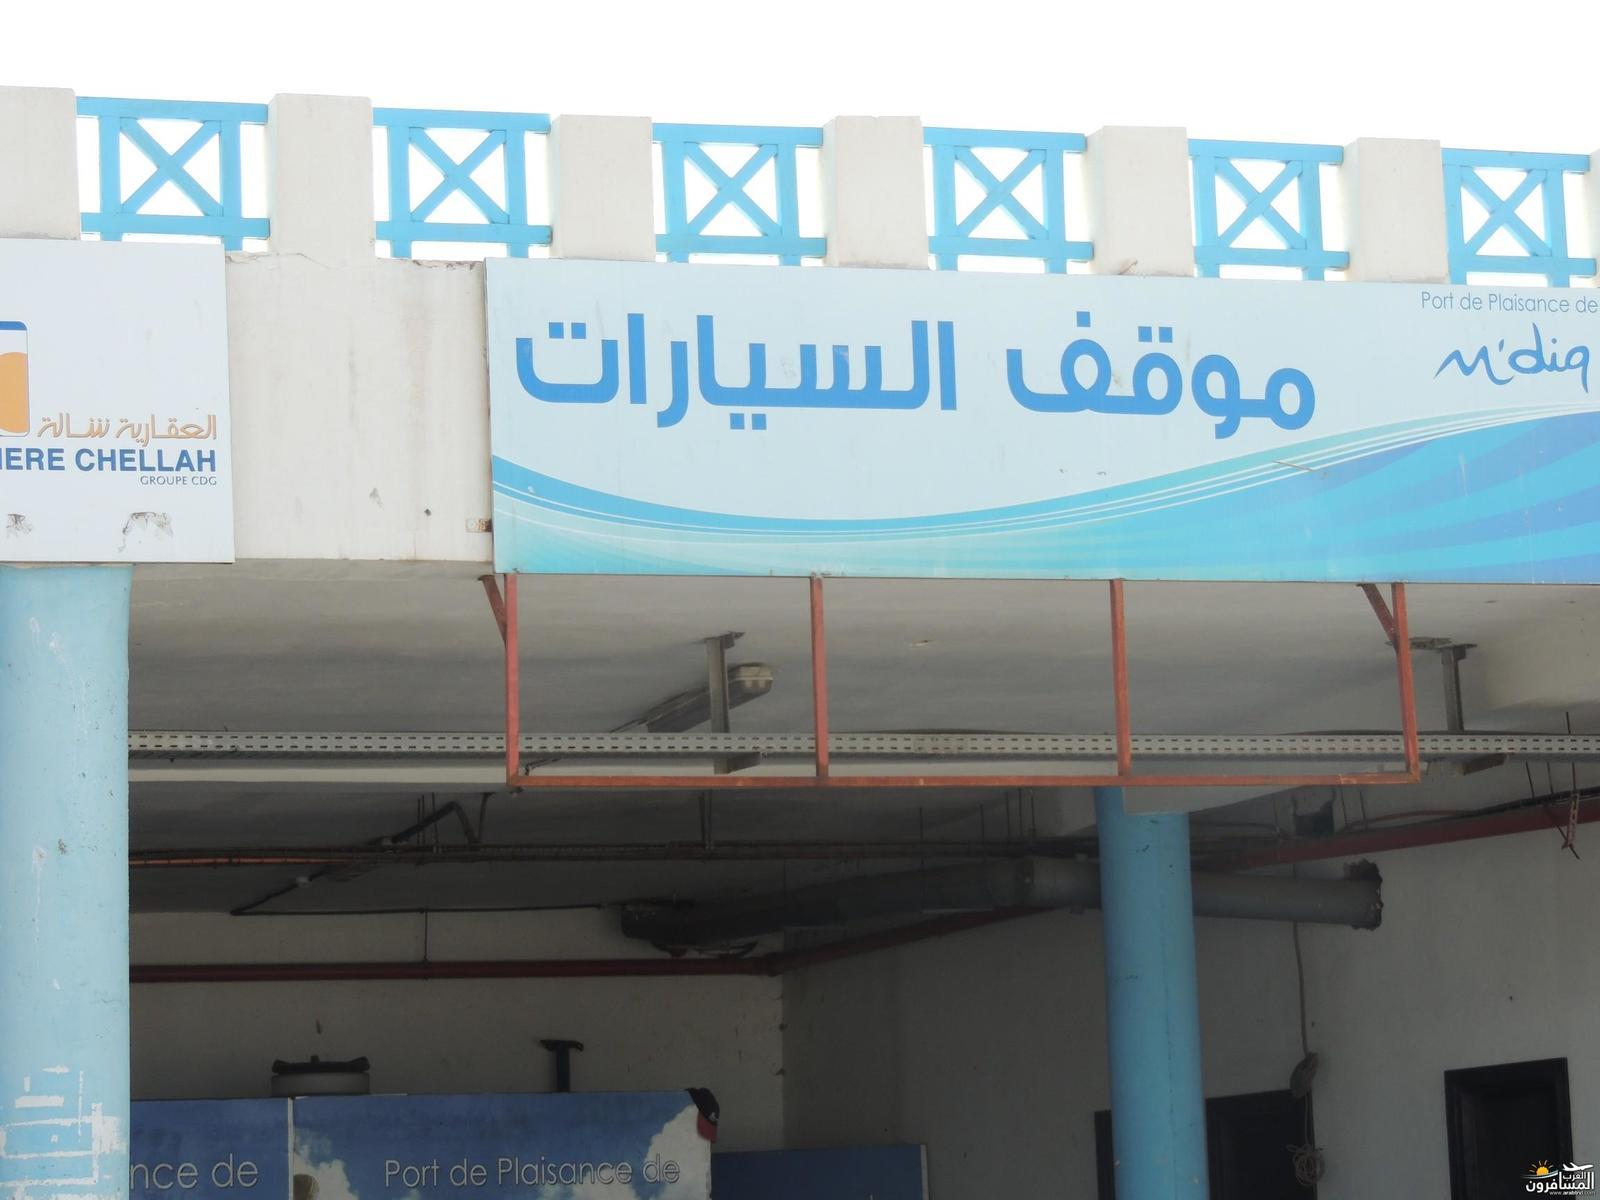 arabtrvl1496131218469.jpg